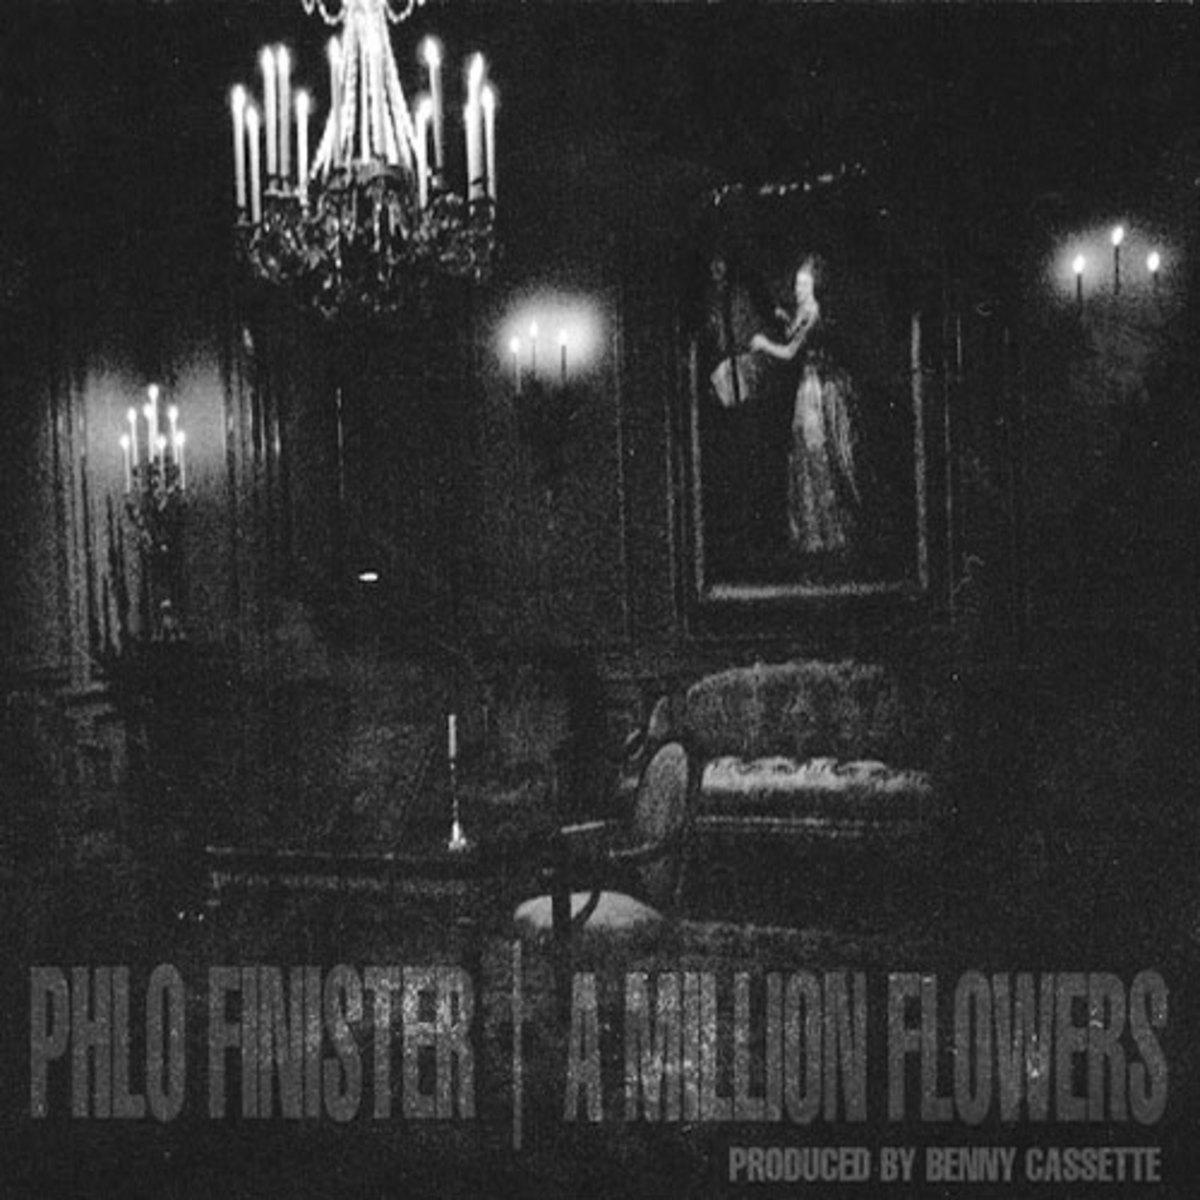 phlofinister-millionflowers.jpg